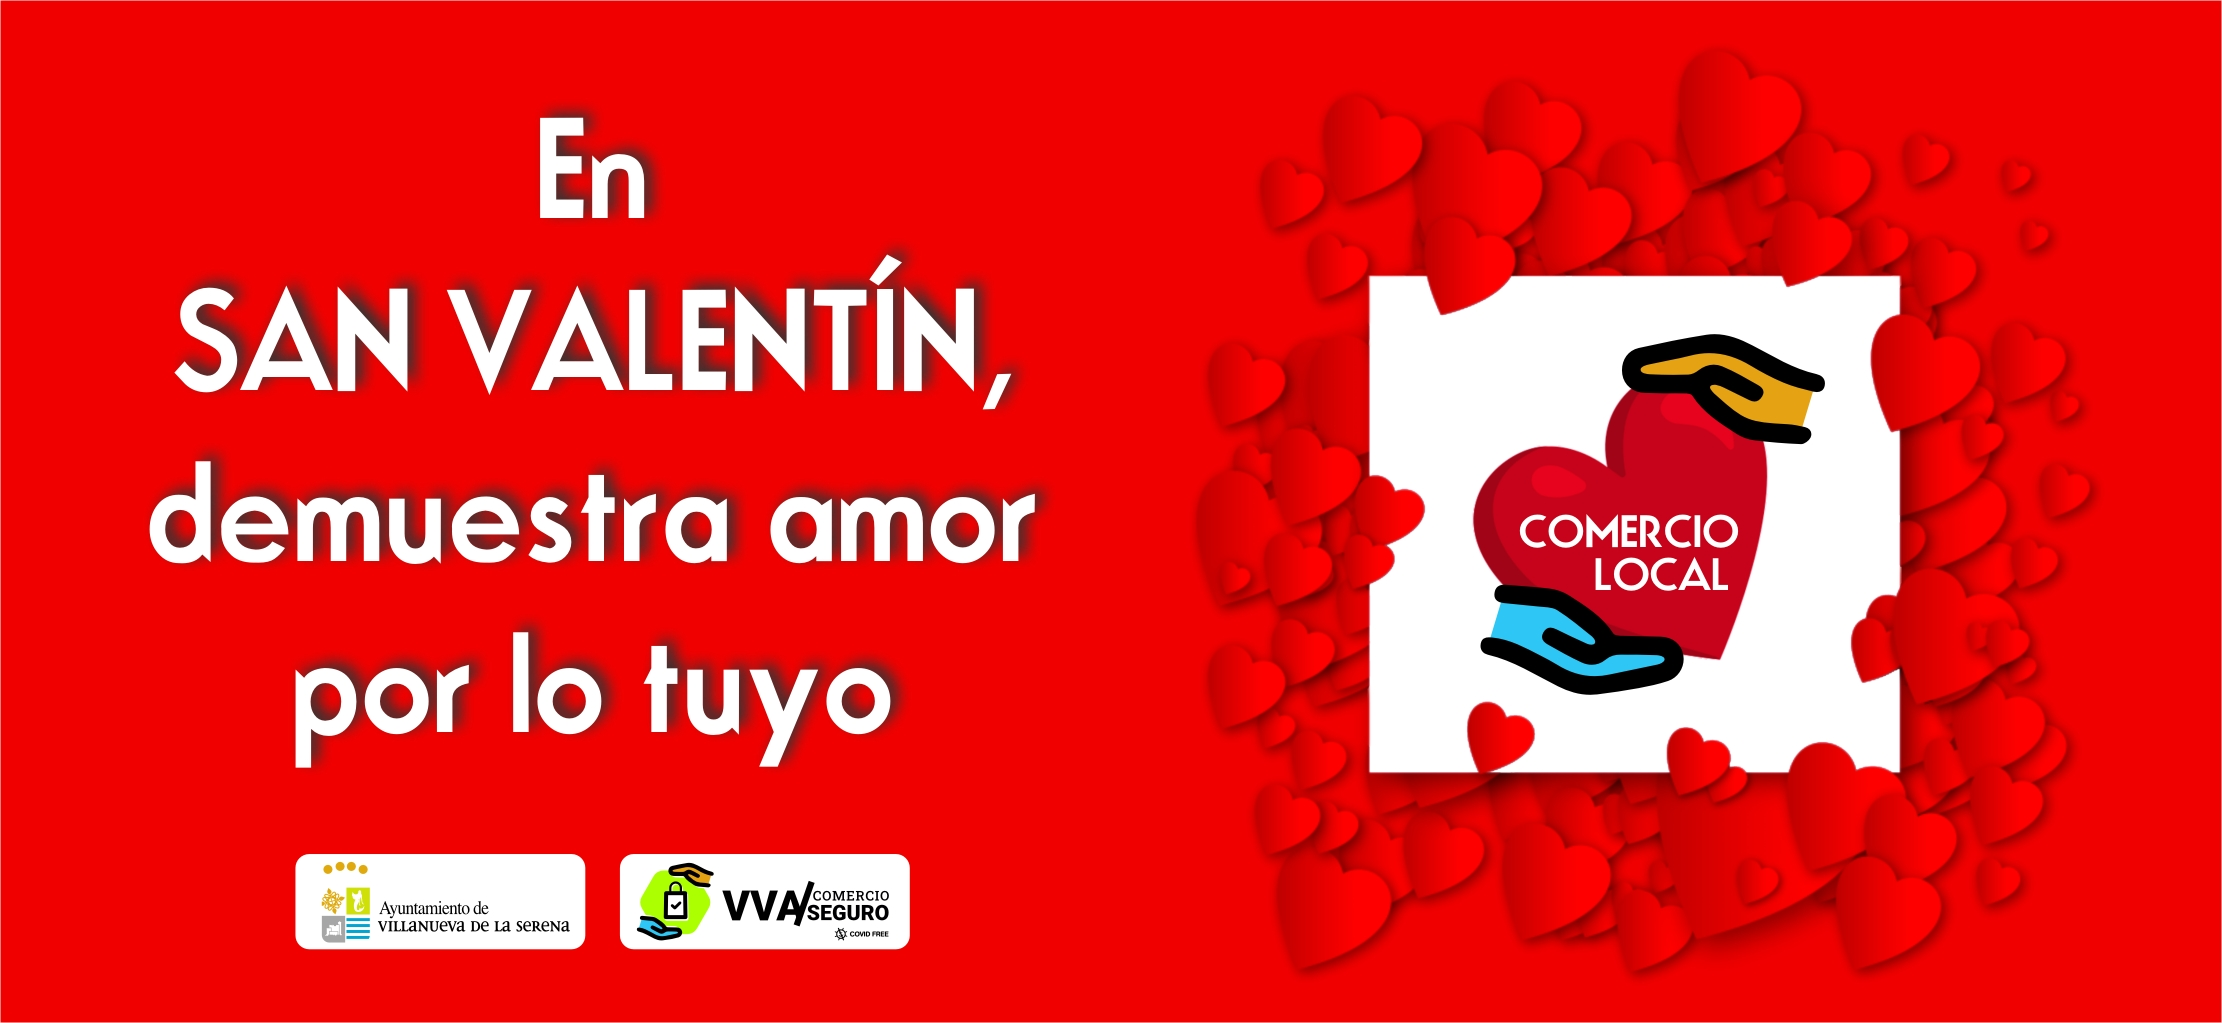 En San Valentín demuestra «amor por lo tuyo»